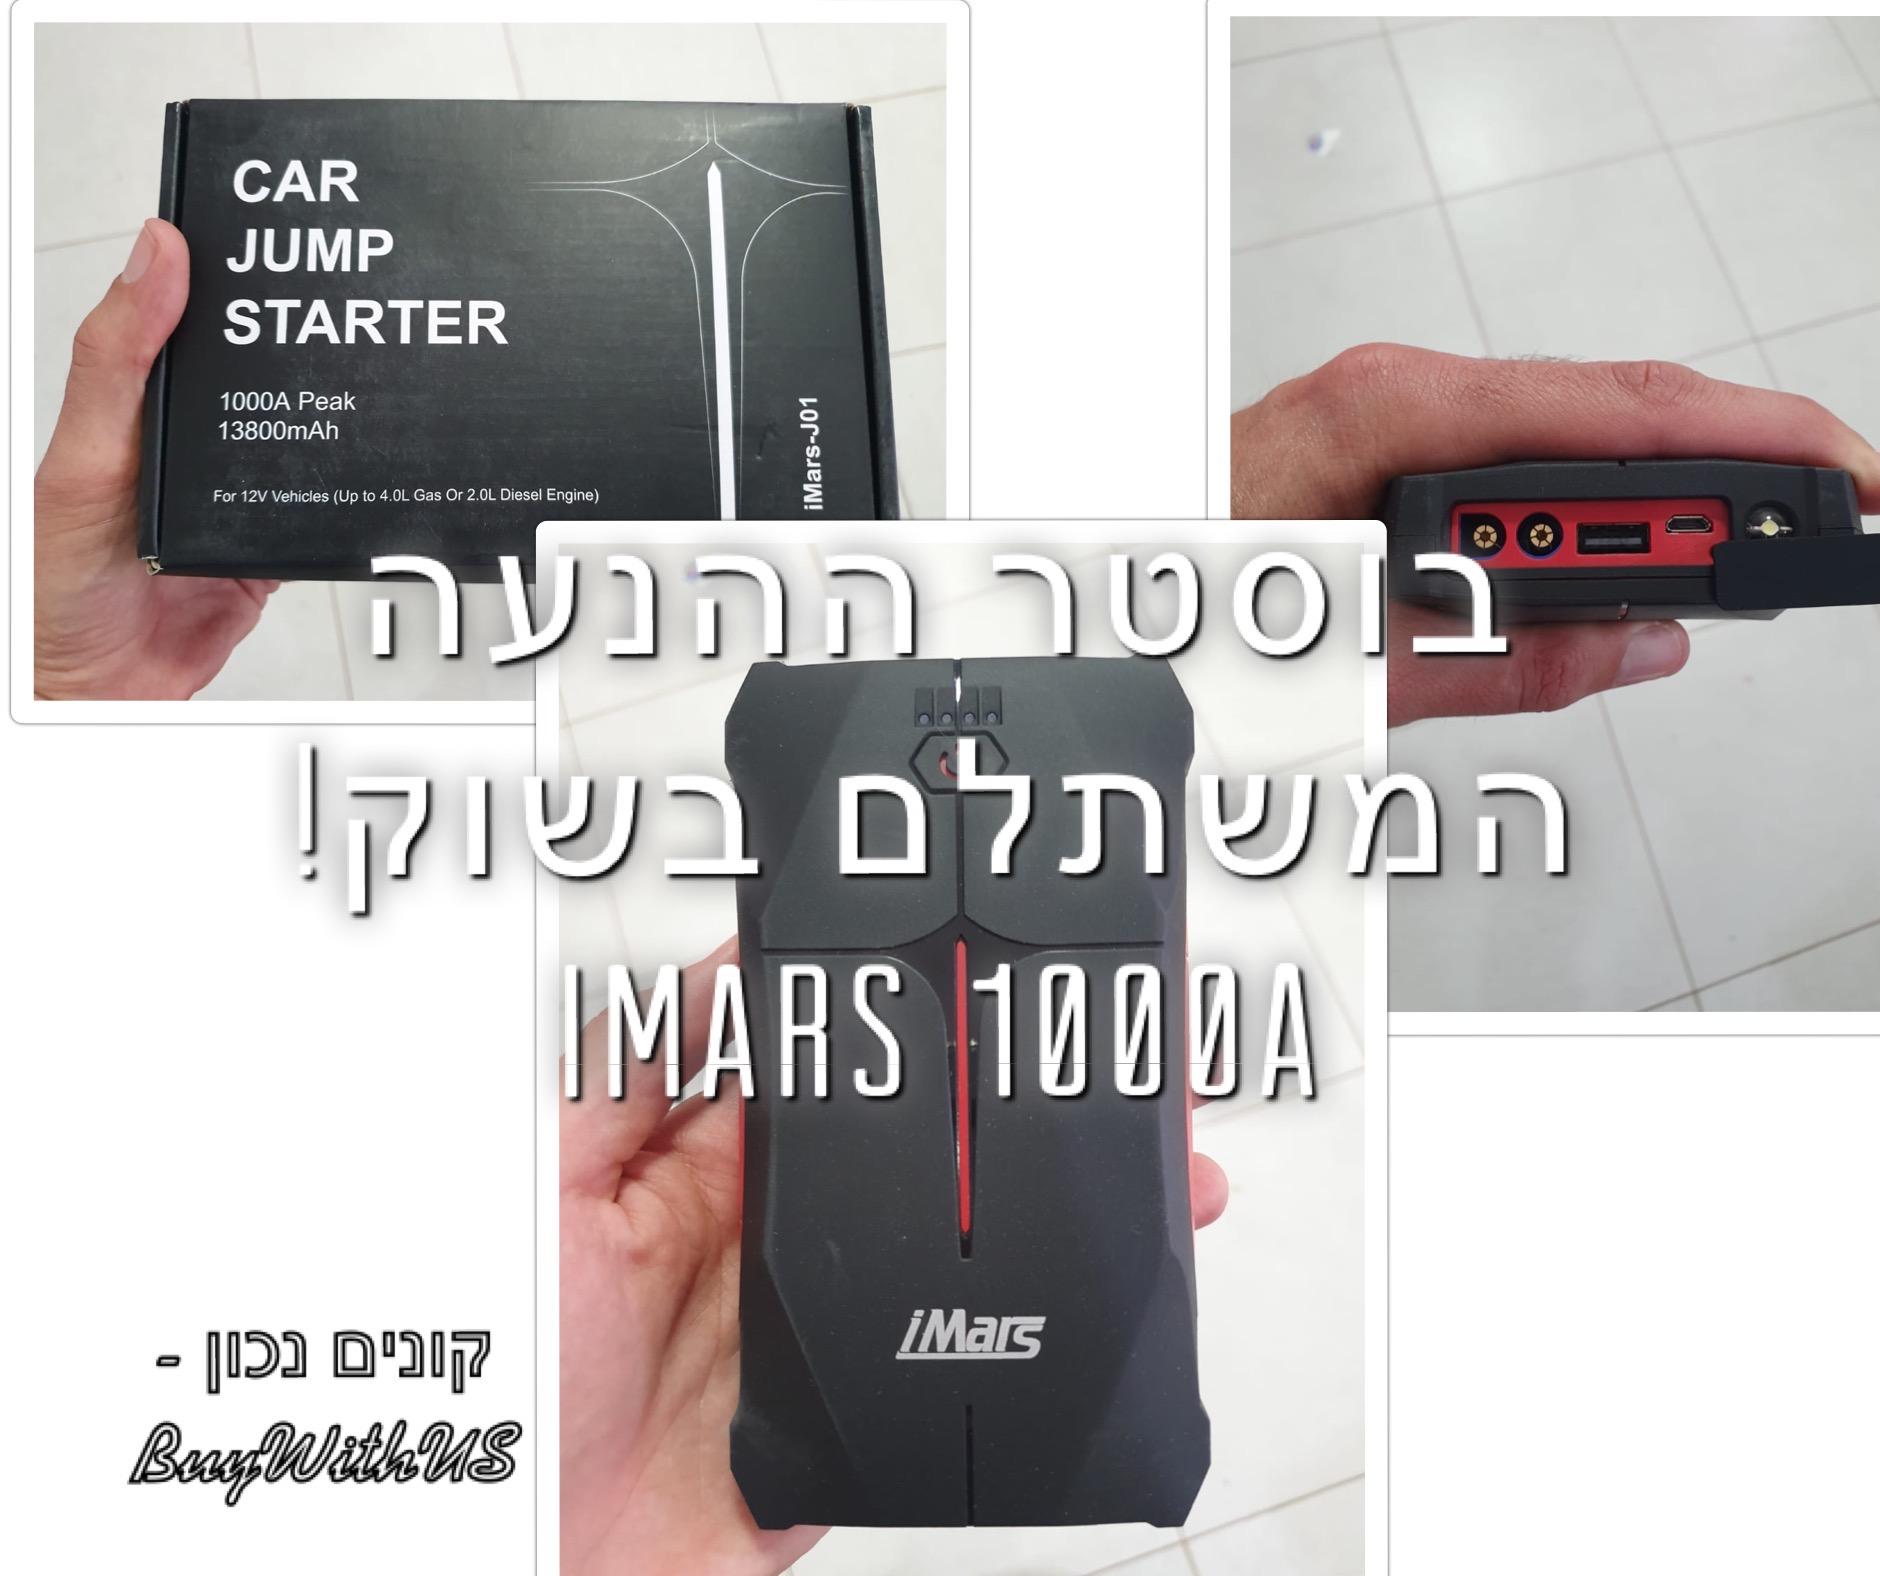 בוסטר ההנעה 1000A 13800mAh iMars , המשמש גם כמטען נייד במחיר מדהים!